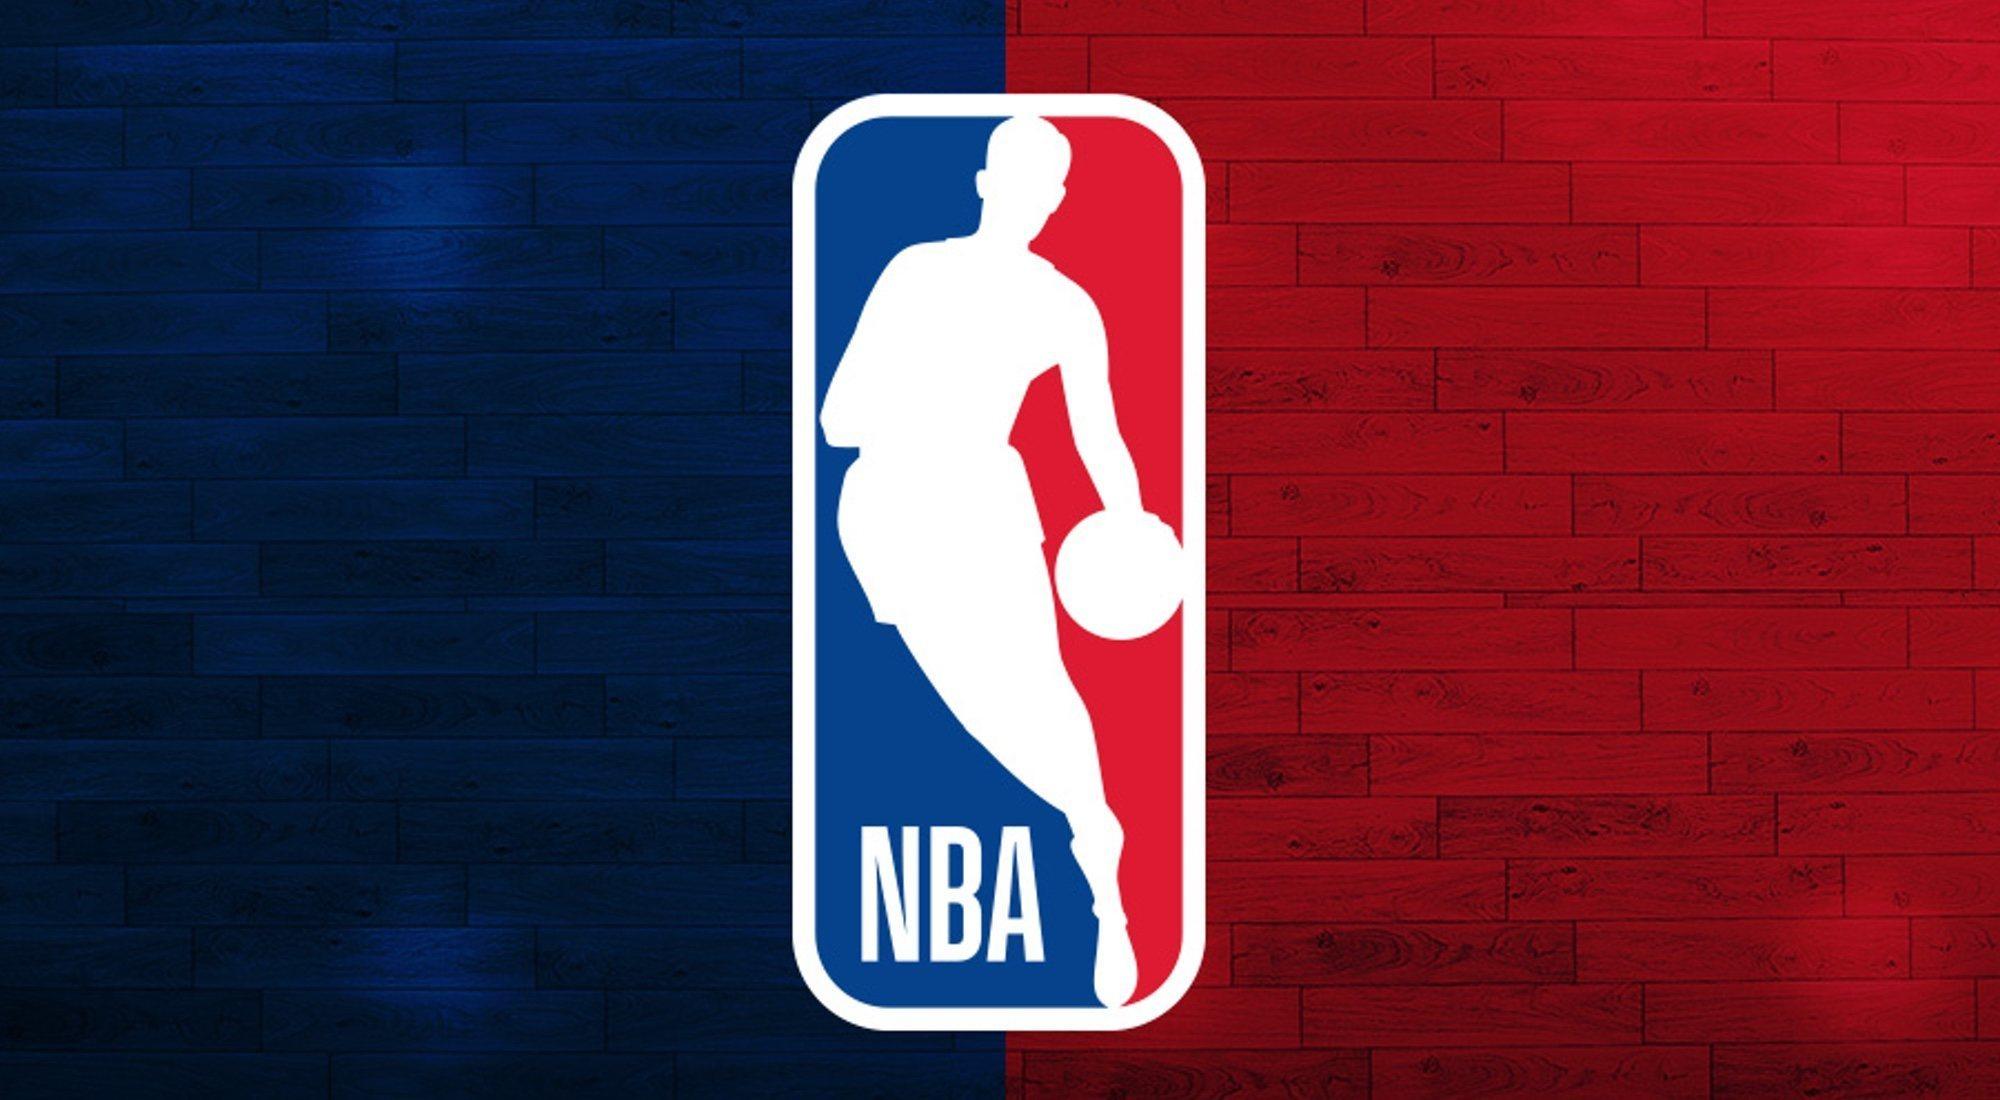 Agencia libre de la NBA: qué es y cómo funciona